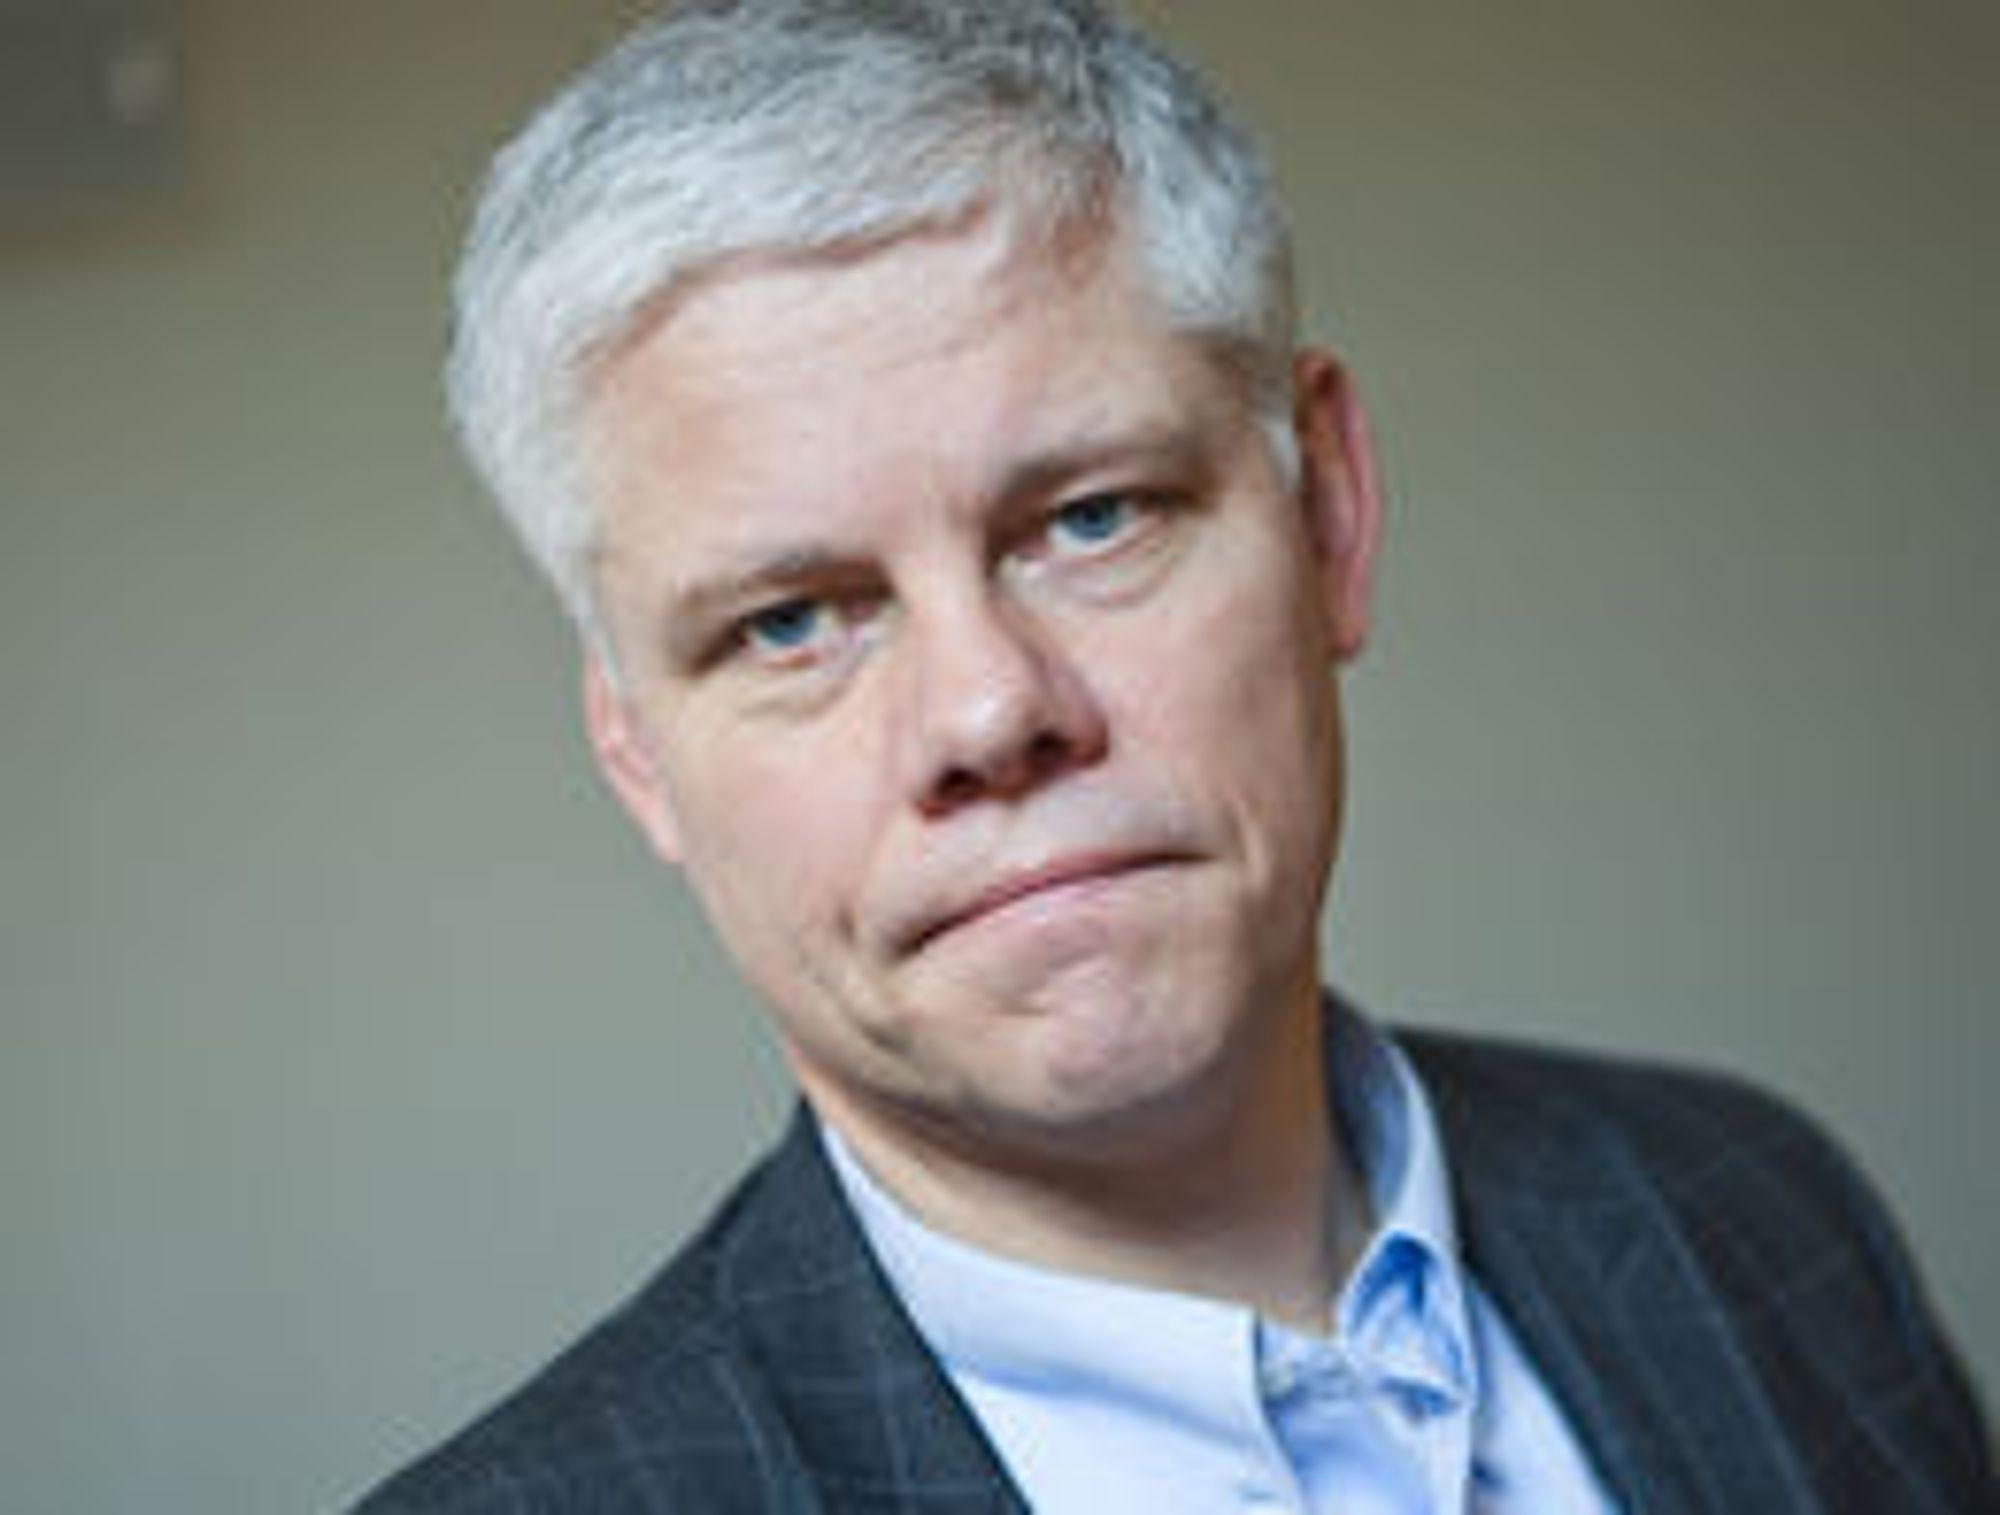 KREVER UNDERSØKELSER: Datatilsynets informasjonsdirektør Ove Skåra.